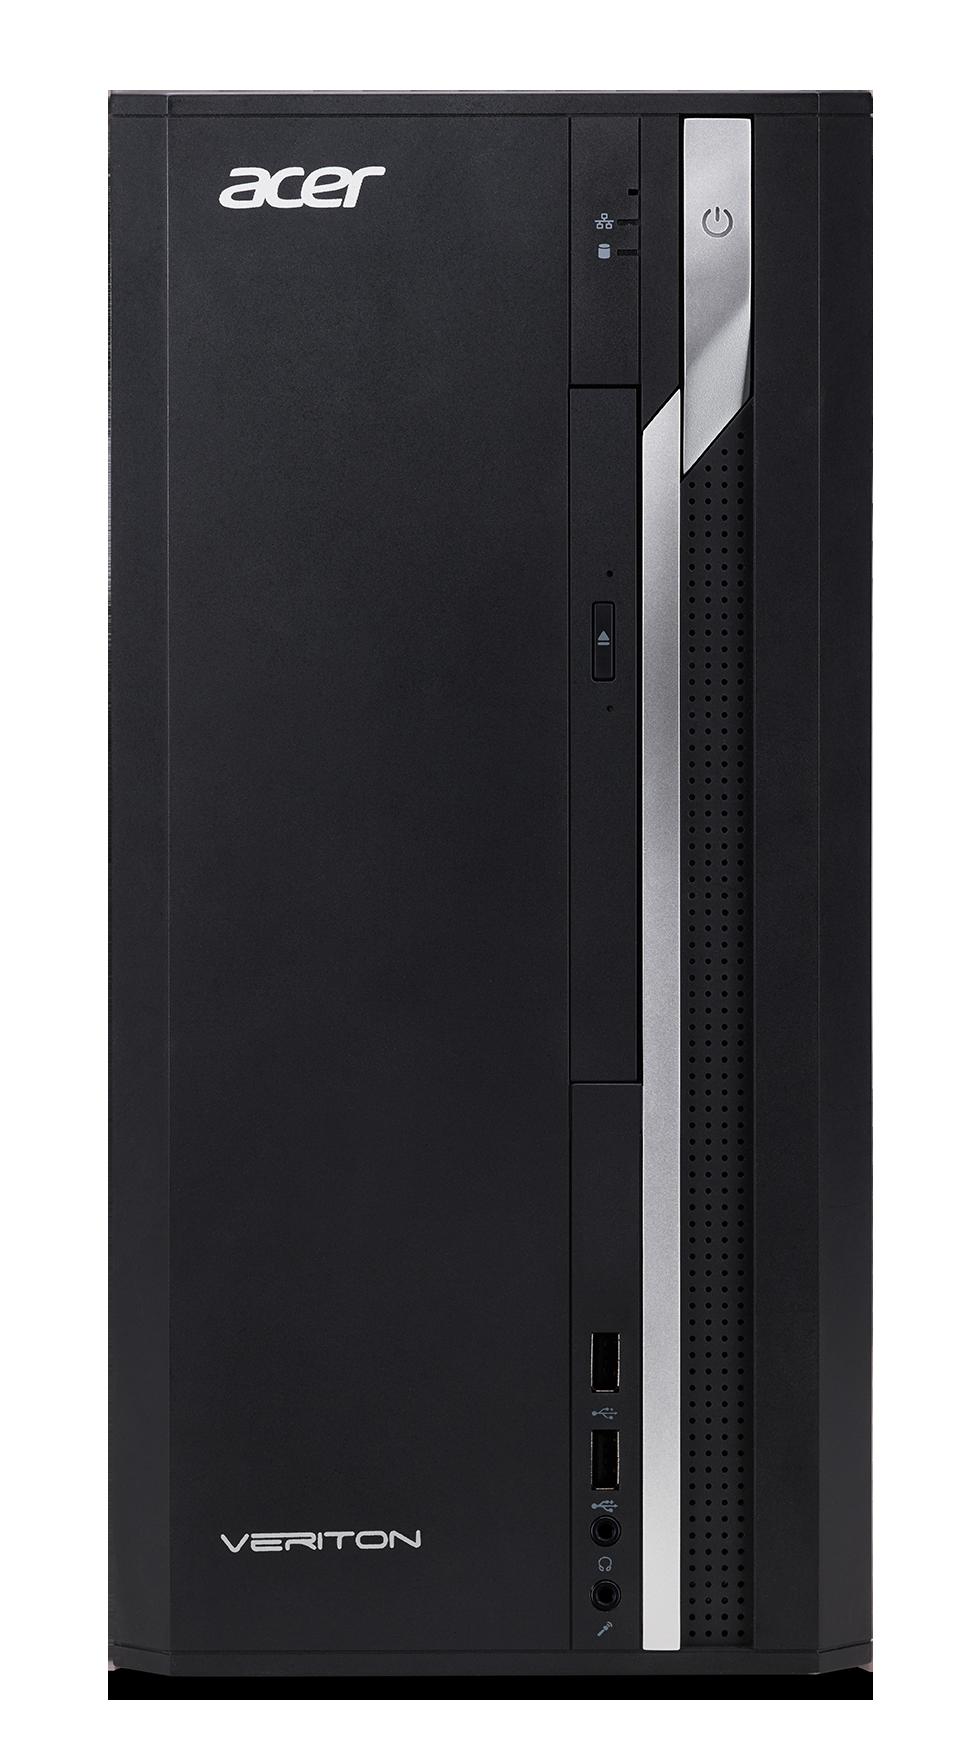 Acer Veriton E (VES2710G) - i5-7400/4G/256SSD/DVD/W10Pro